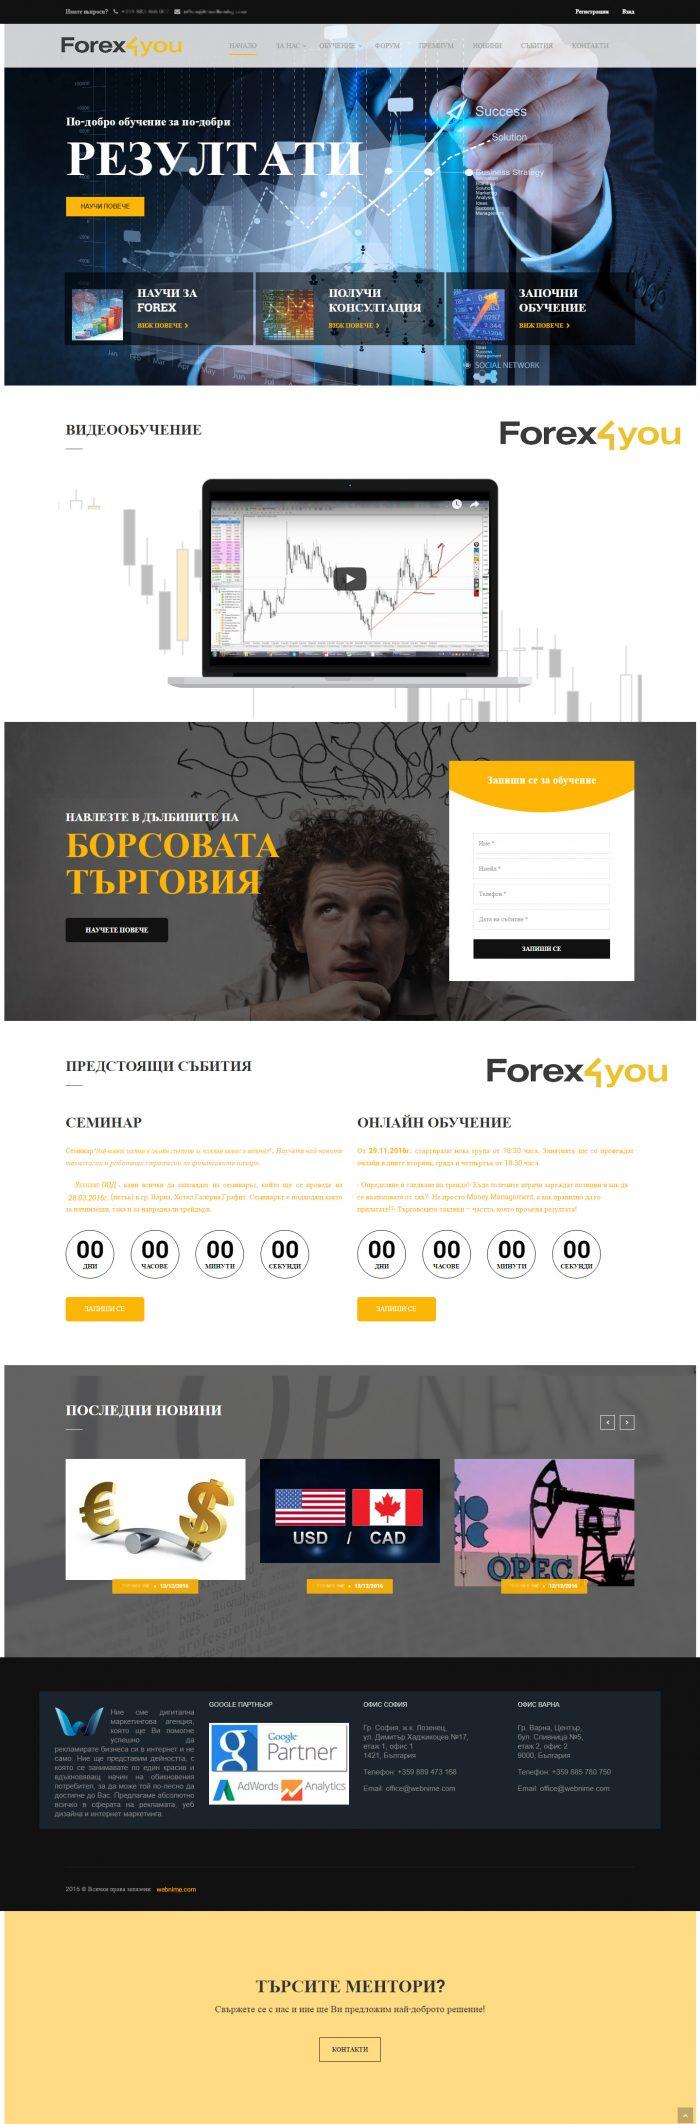 Онлайн платформа за Forex обучение, https://webnime.com